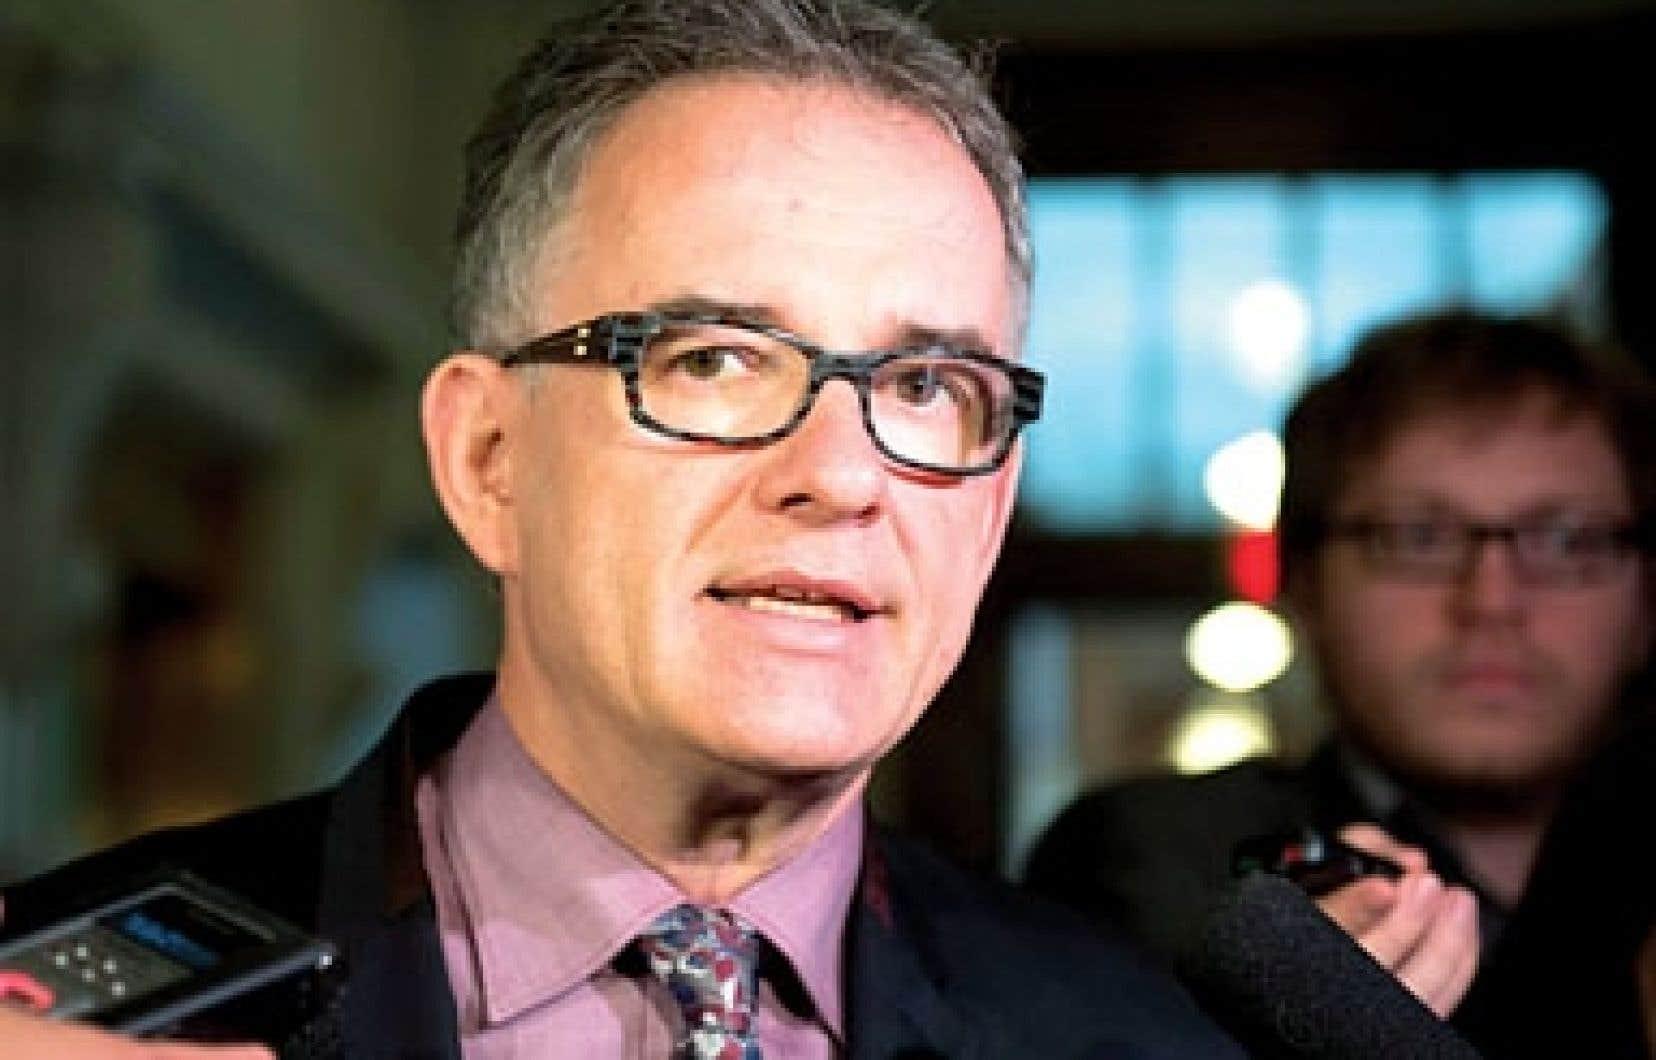 En commission parlementaire, le ministre Réjean Hébert est allé à l'encontre des experts de la santé publique qui se sont prononcés la semaine dernière contre la vente d'alcool aux tables de jeu, considérée comme un facteur de risque pour le jeu pathologique.